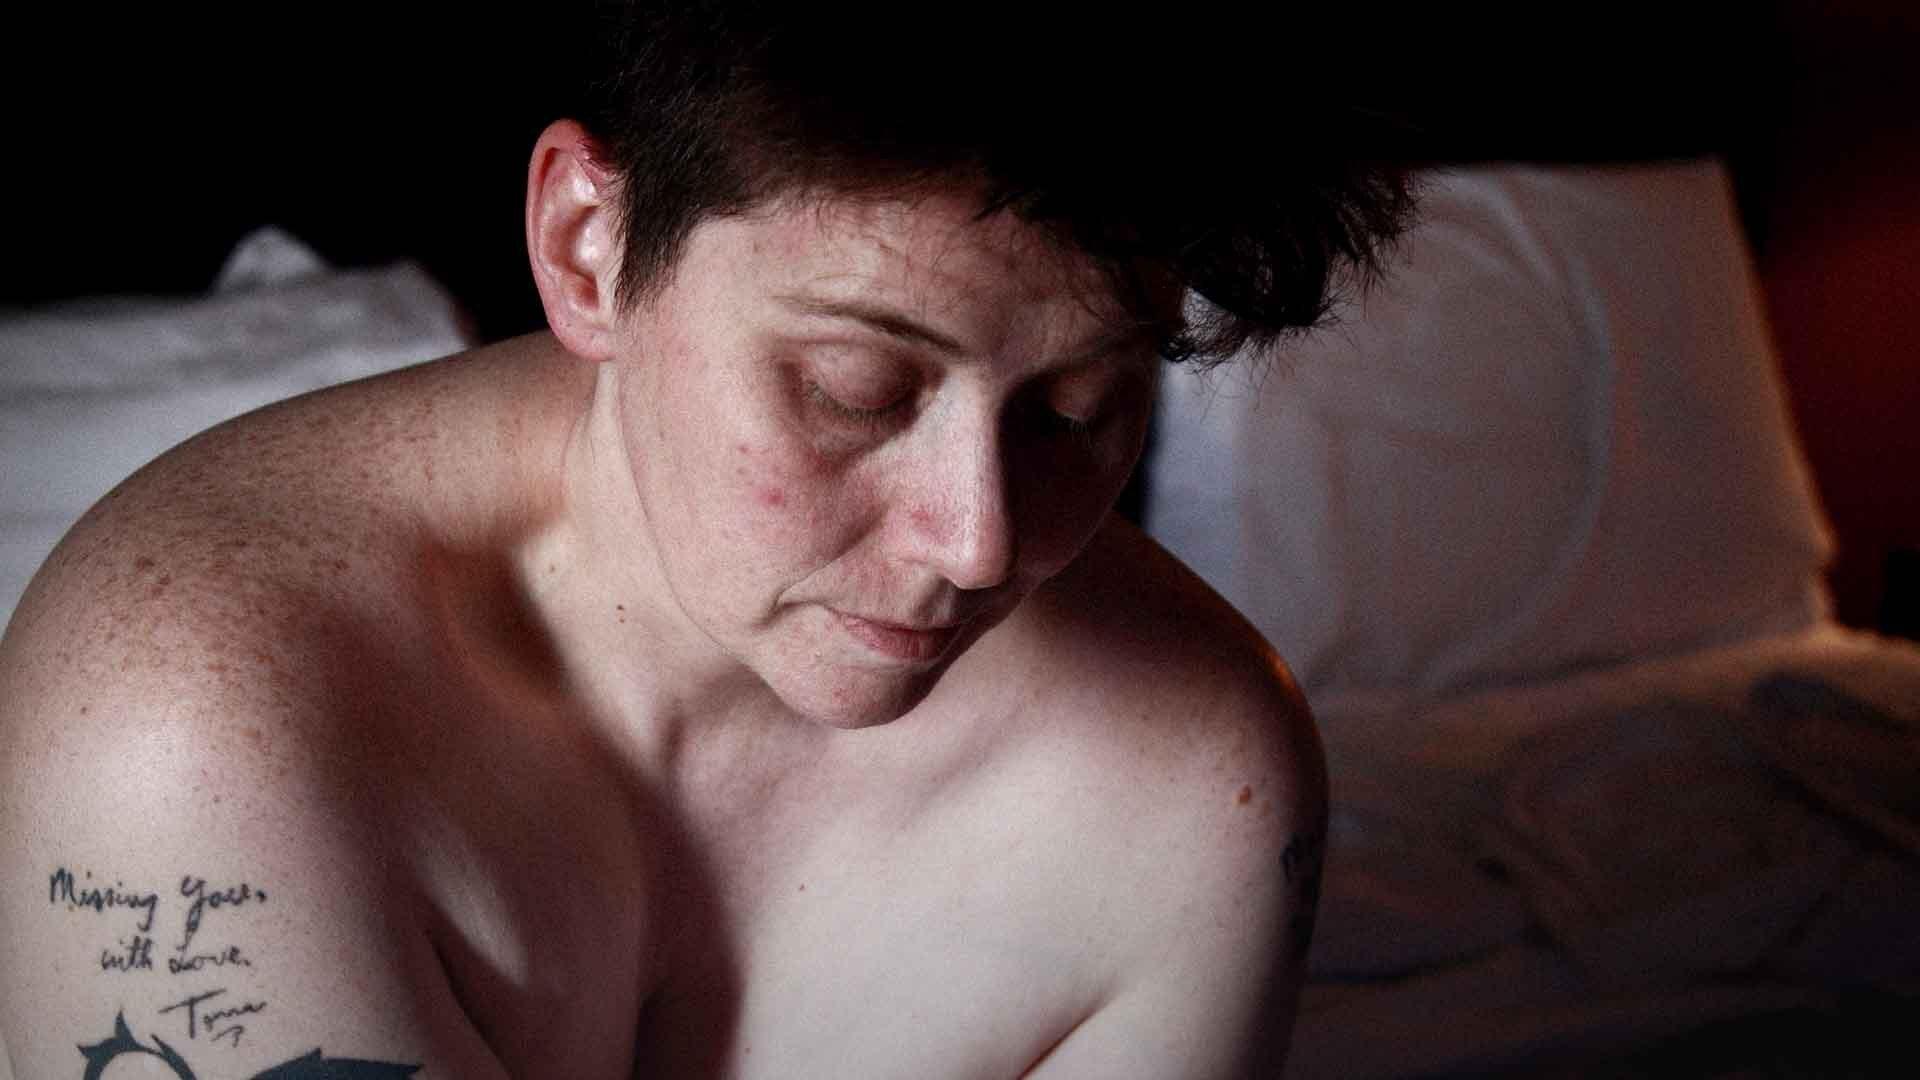 In Italia, le persone LGBT subiscono i pregiudizi anche in ospedale